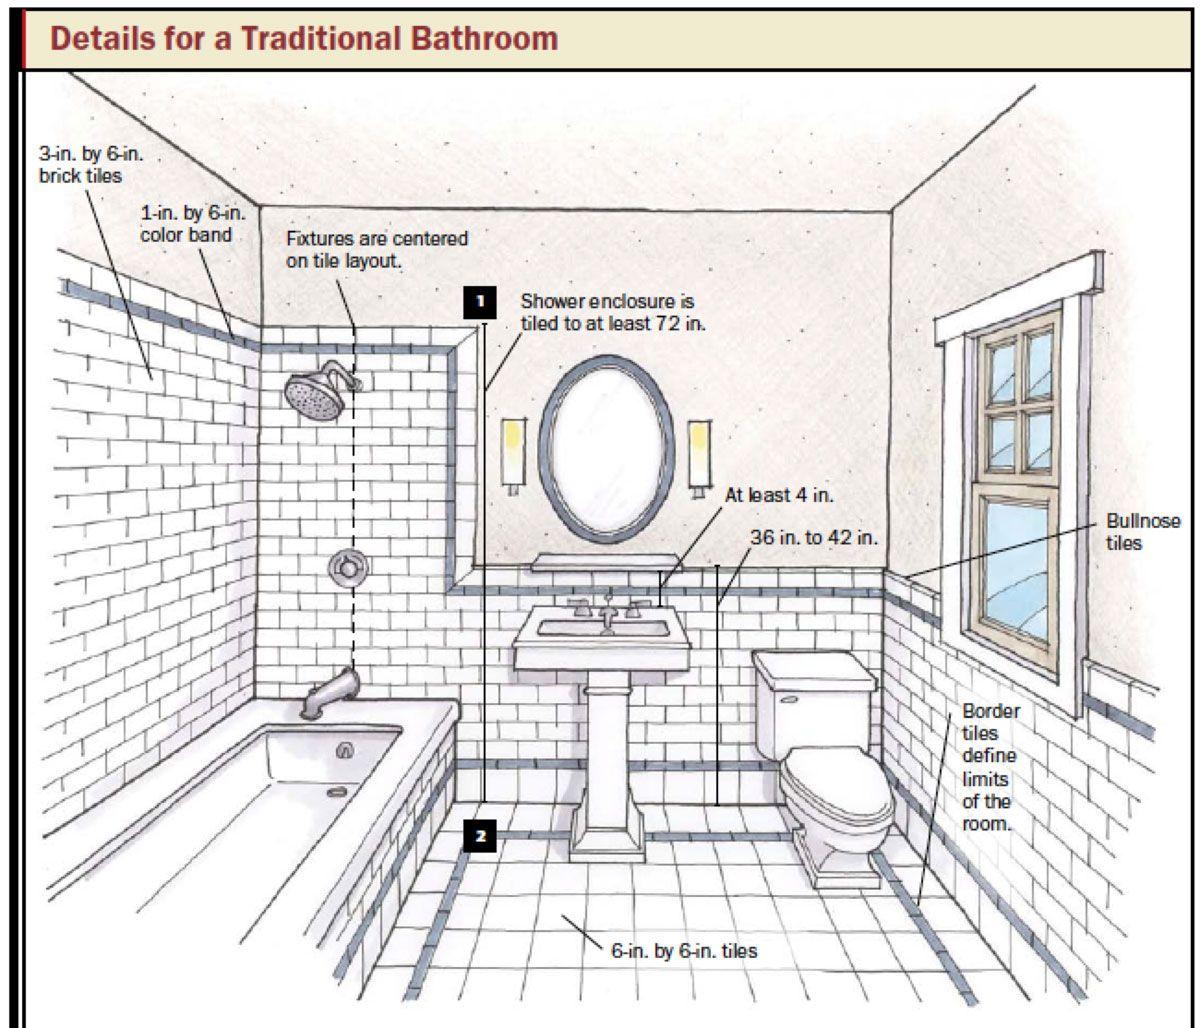 select kitchen design design bathroom floor plan tool Bathroom and Kitchen Design How to Choose Tile and